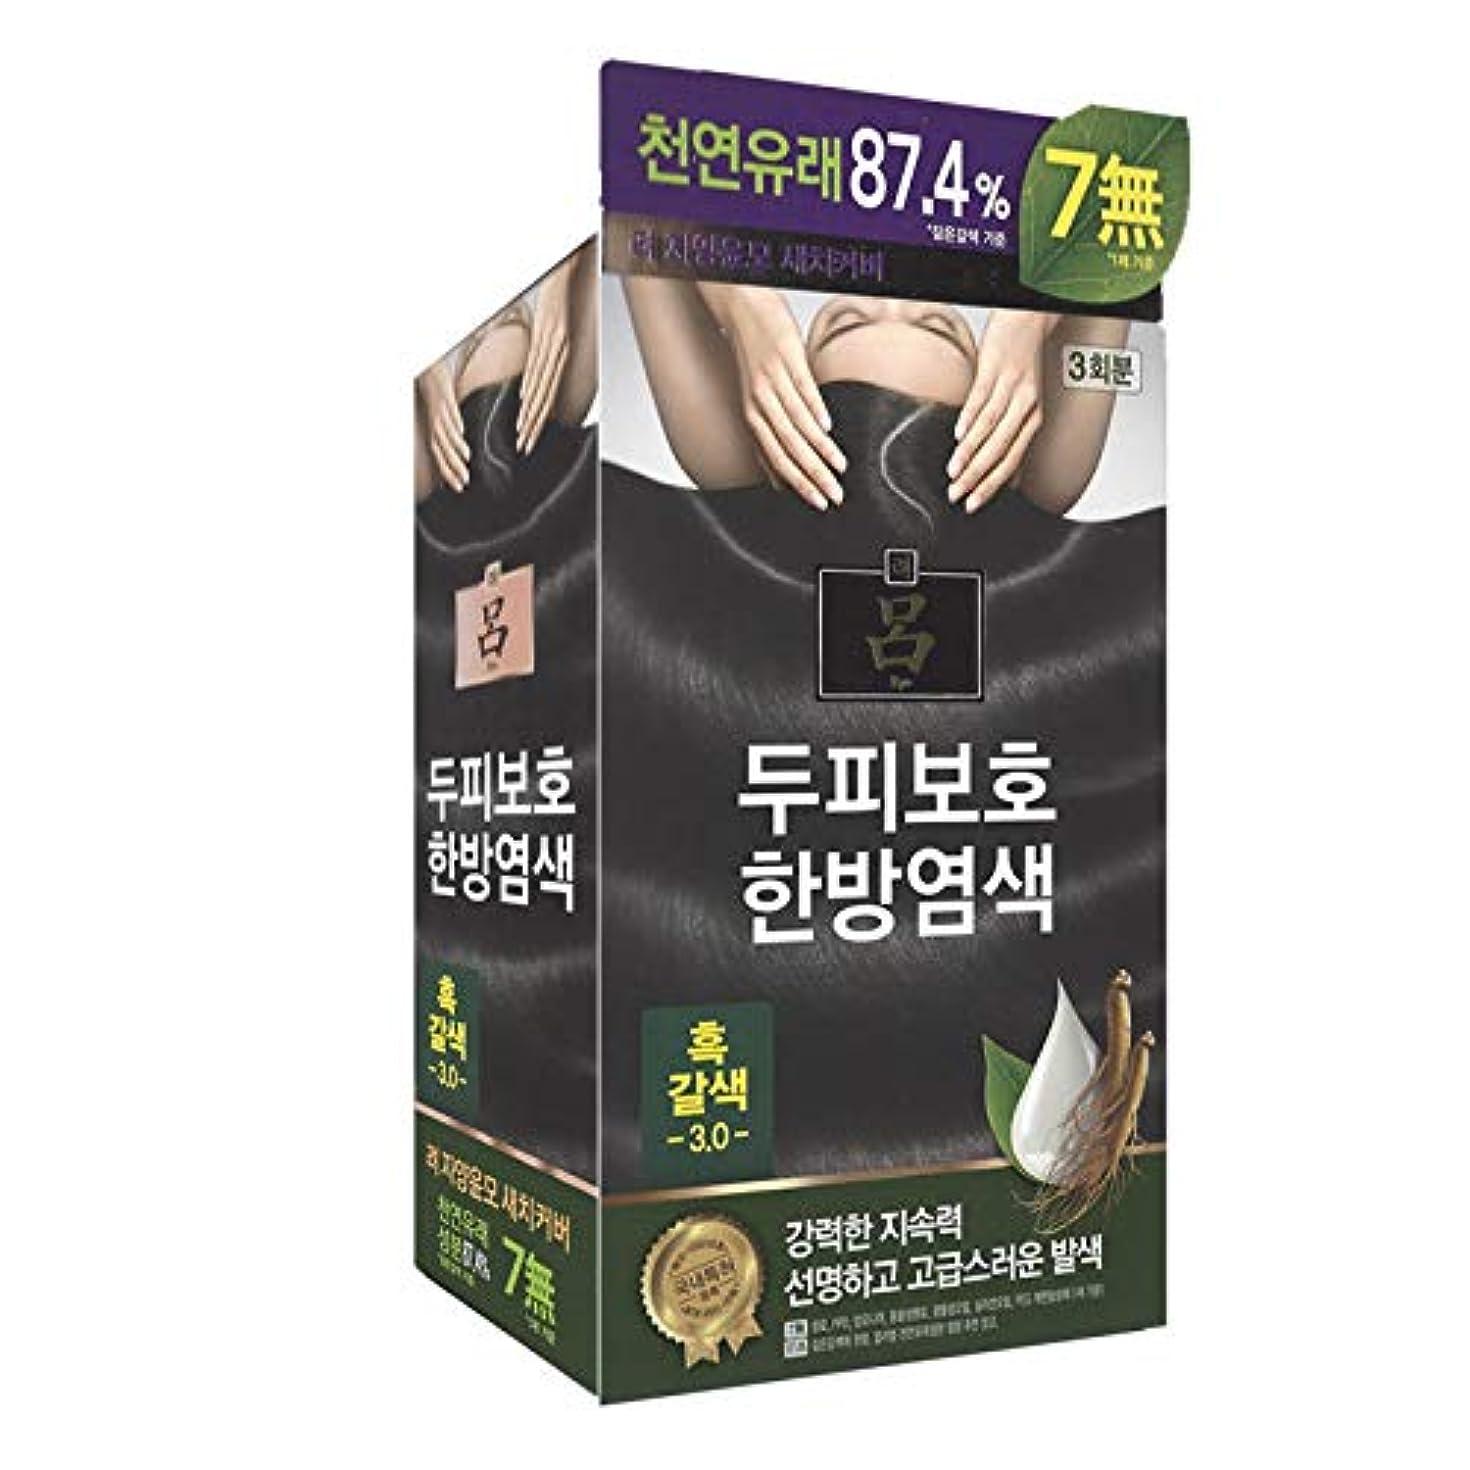 コメンテーター呼ぶ部屋を掃除するアモーレパシフィック呂[AMOREPACIFIC/Ryo] Jayang Yunmoグレーヘアカバー 3.0 黒褐色(Blackish Brown)